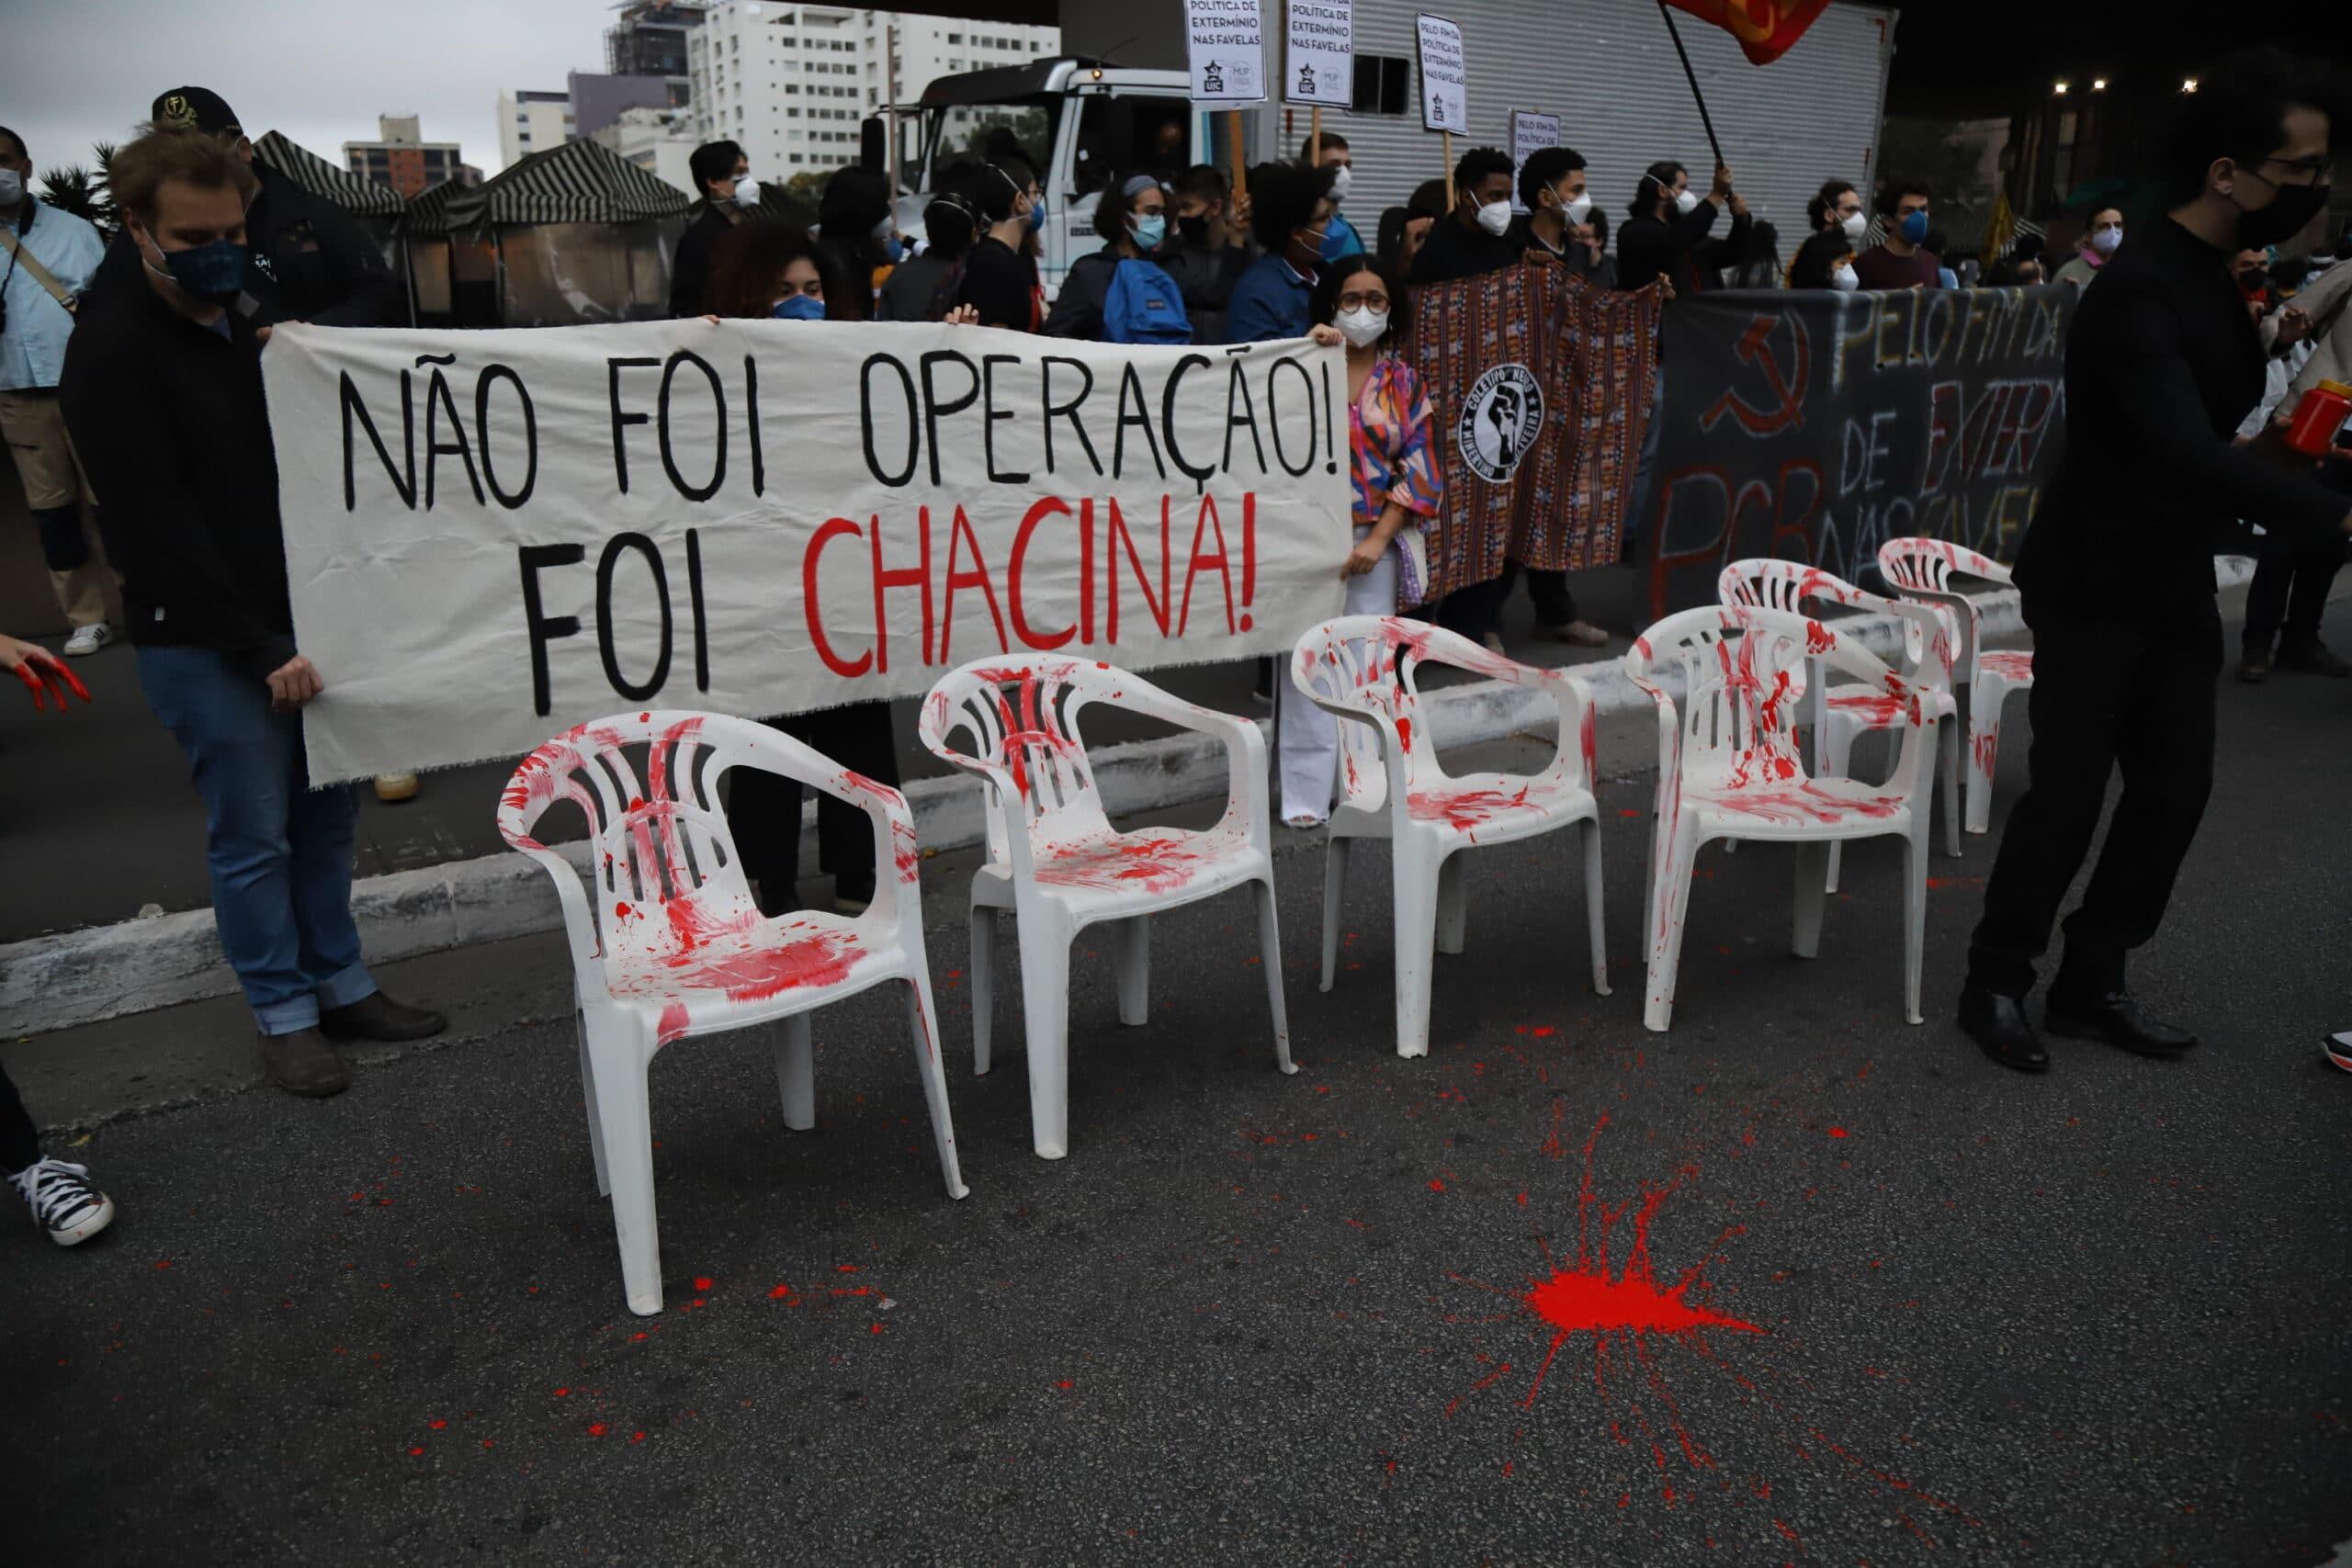 Manifestantes pintam de vermelho quatro cadeiras simulando sangue. Atrás, uma faixa diz